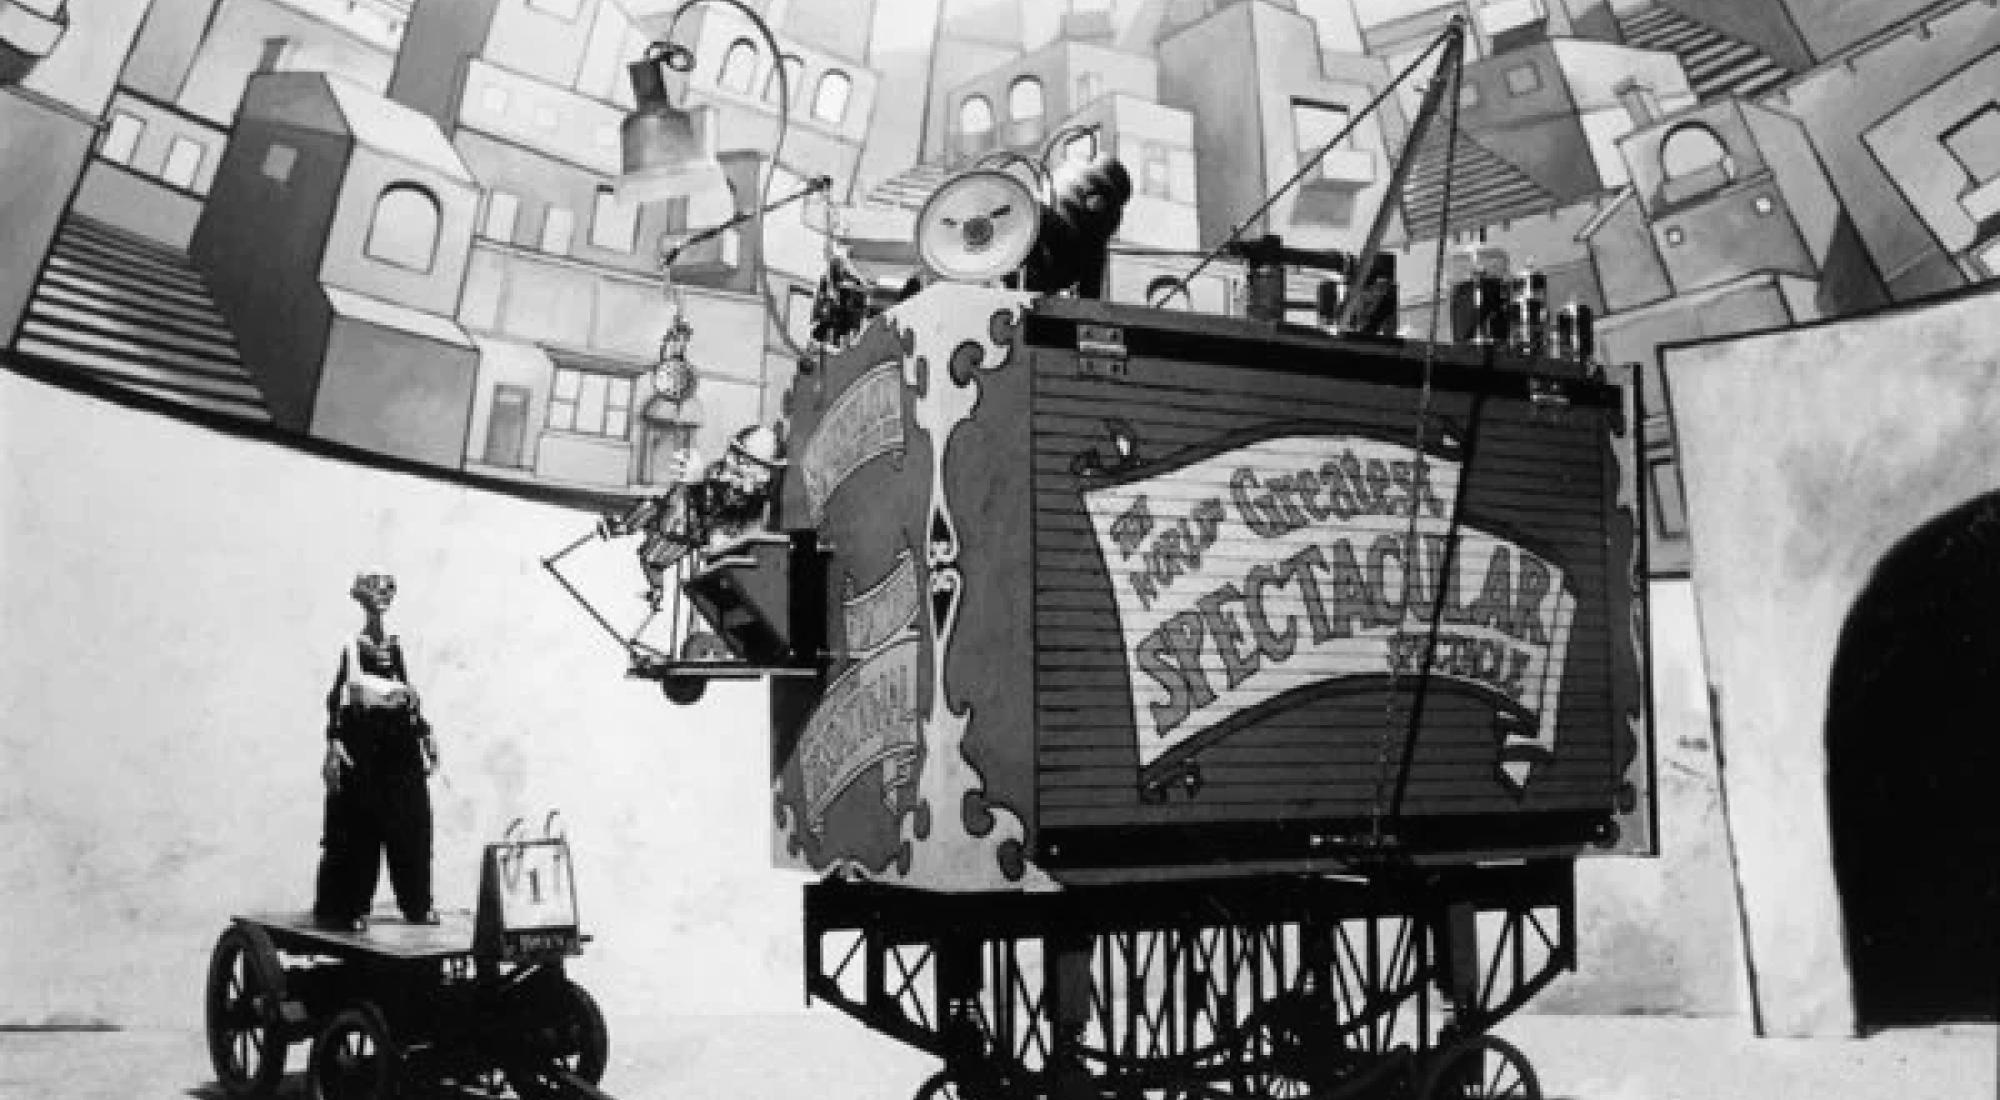 Мультфильм «Голодарь» по рассказу Кафки. Режиссер Том Гиббонс, 2002 год. Источник: kinopoisk.ru